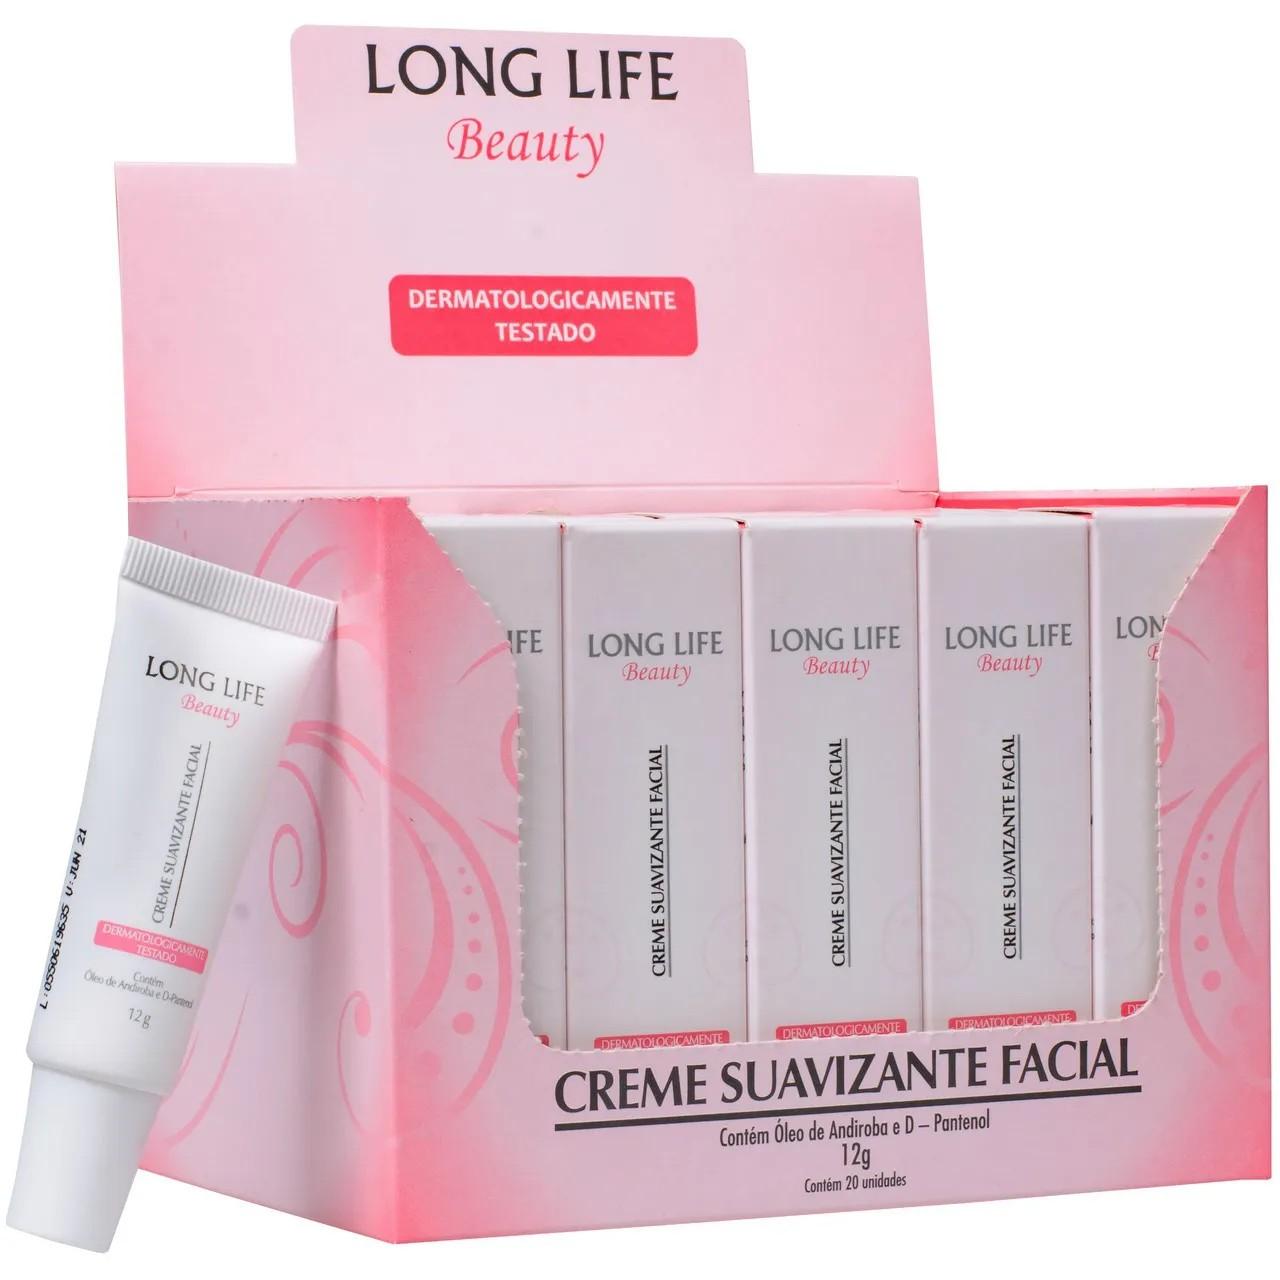 Tratamento Pós Micropigmentação - Long Life Beauty  12g  - Caixa com 20 unidades